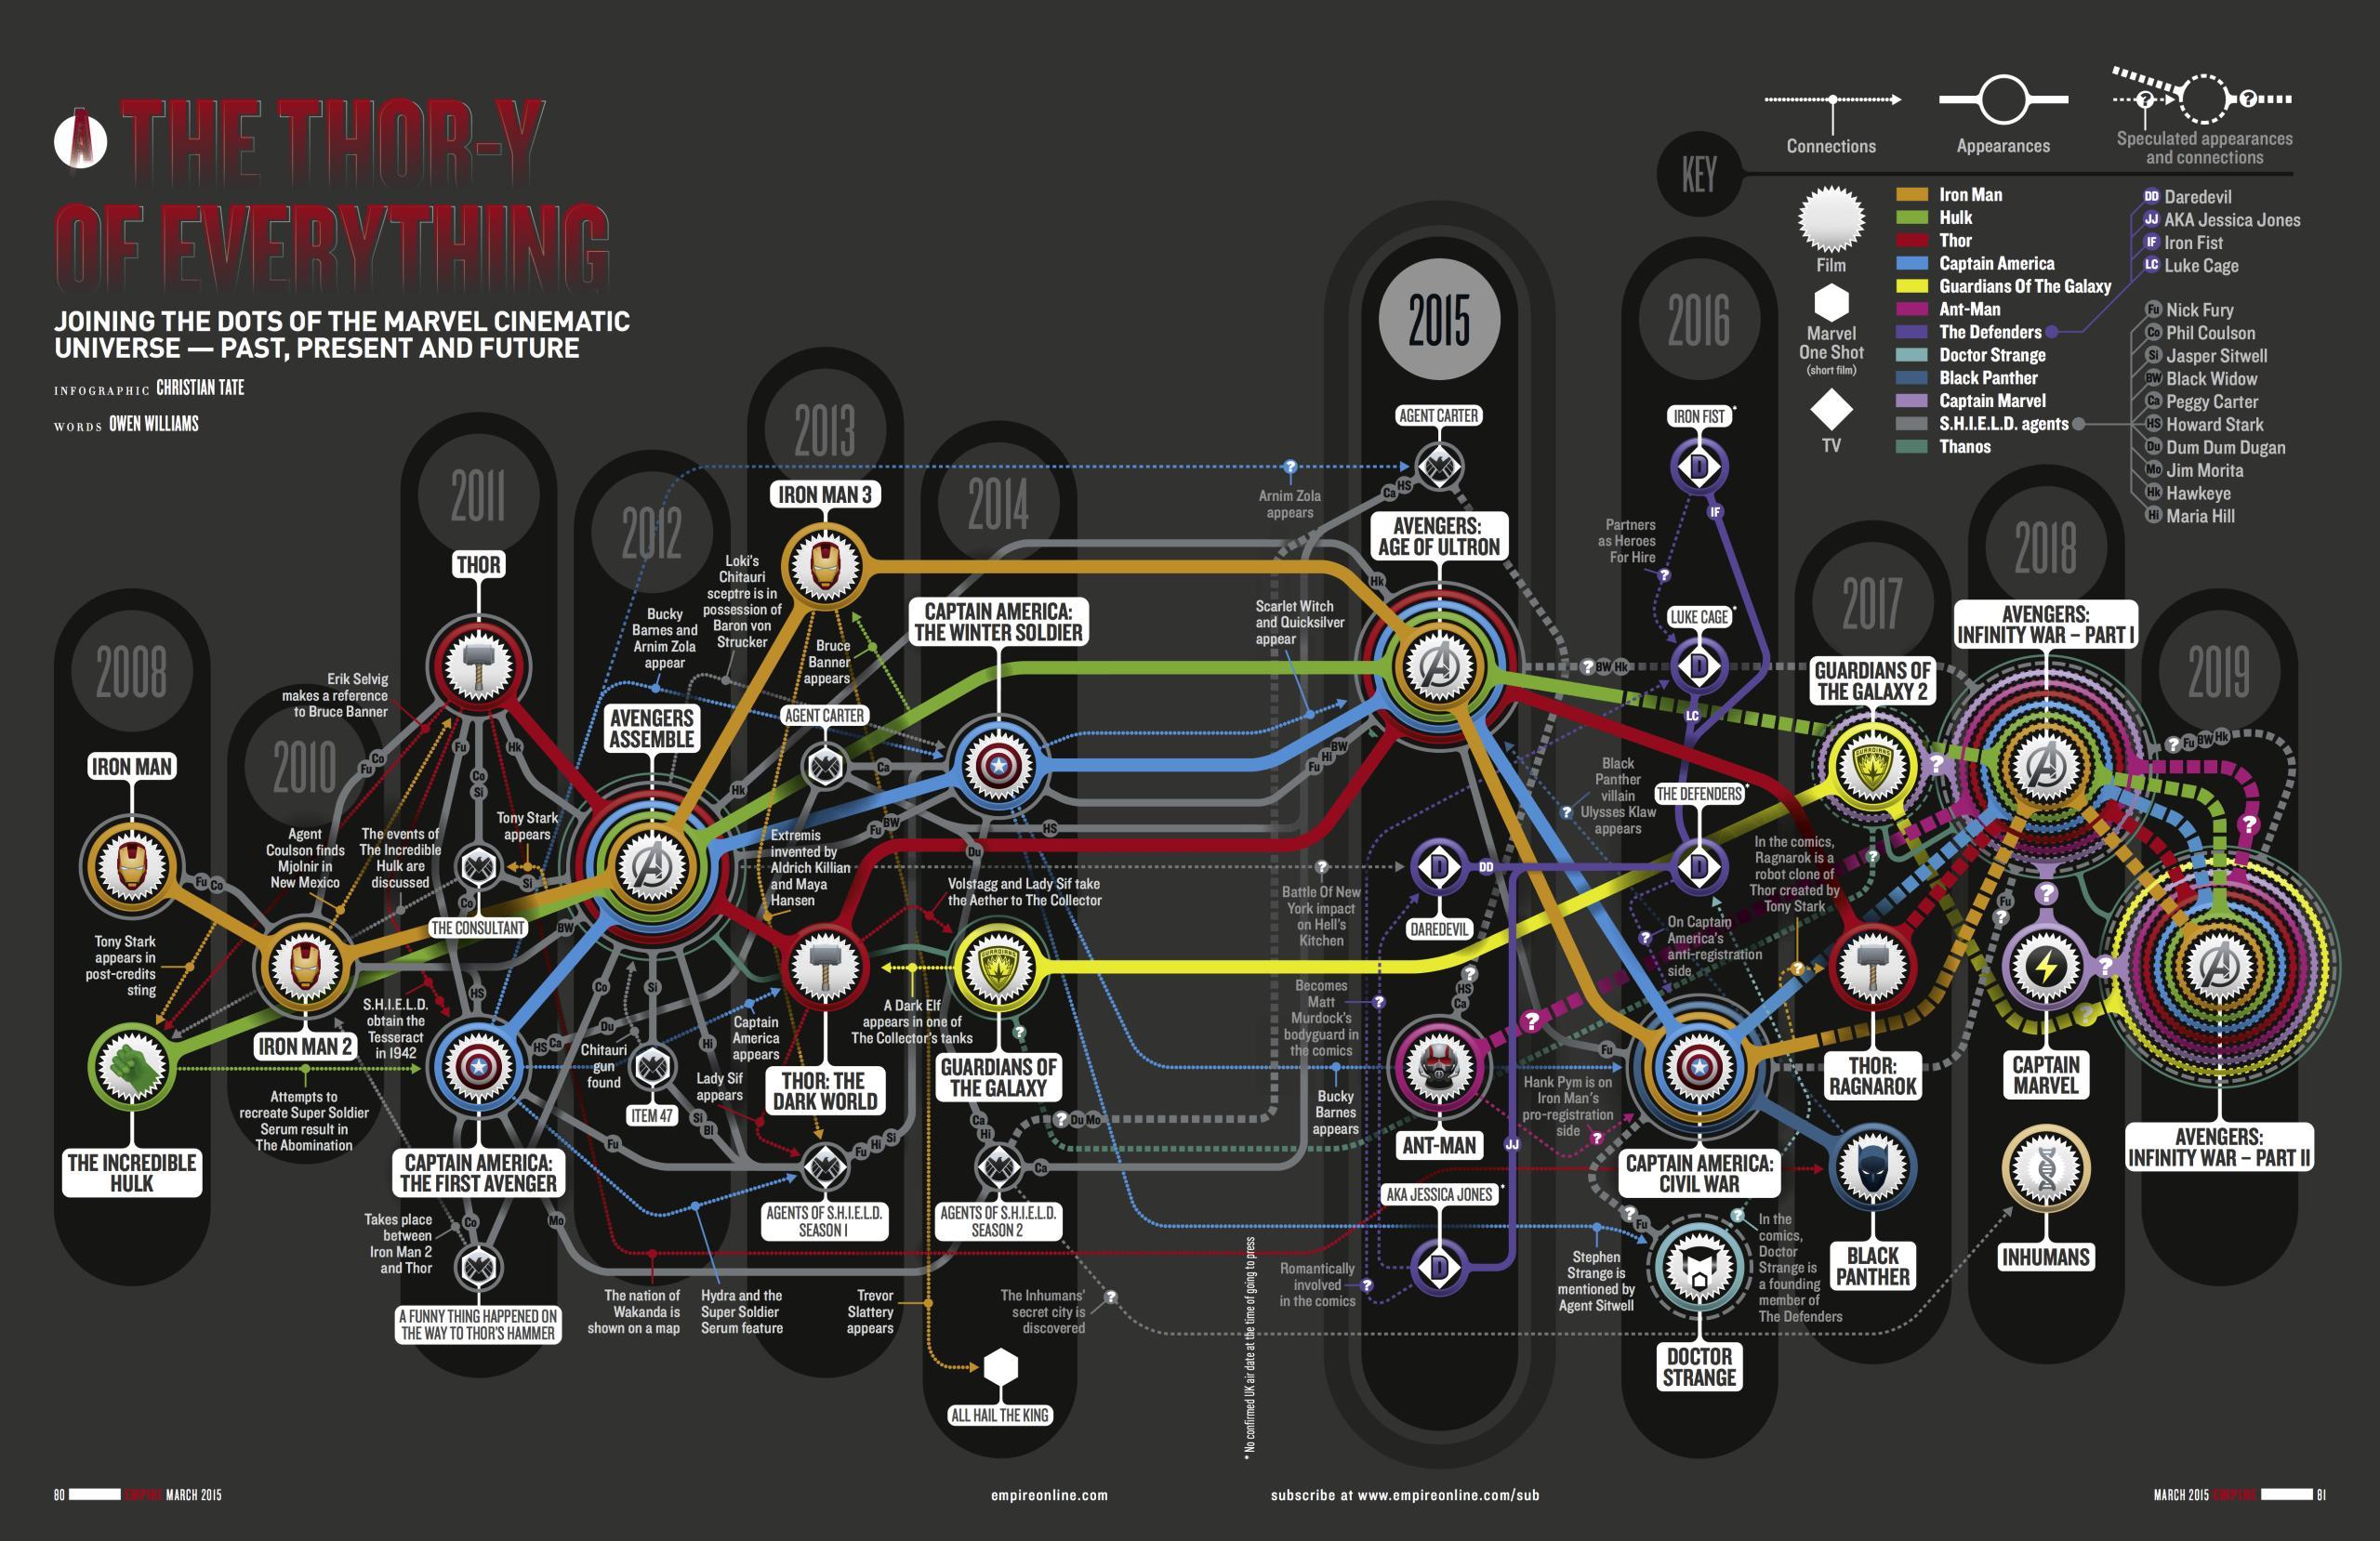 De marvel cinematic tijdlijn